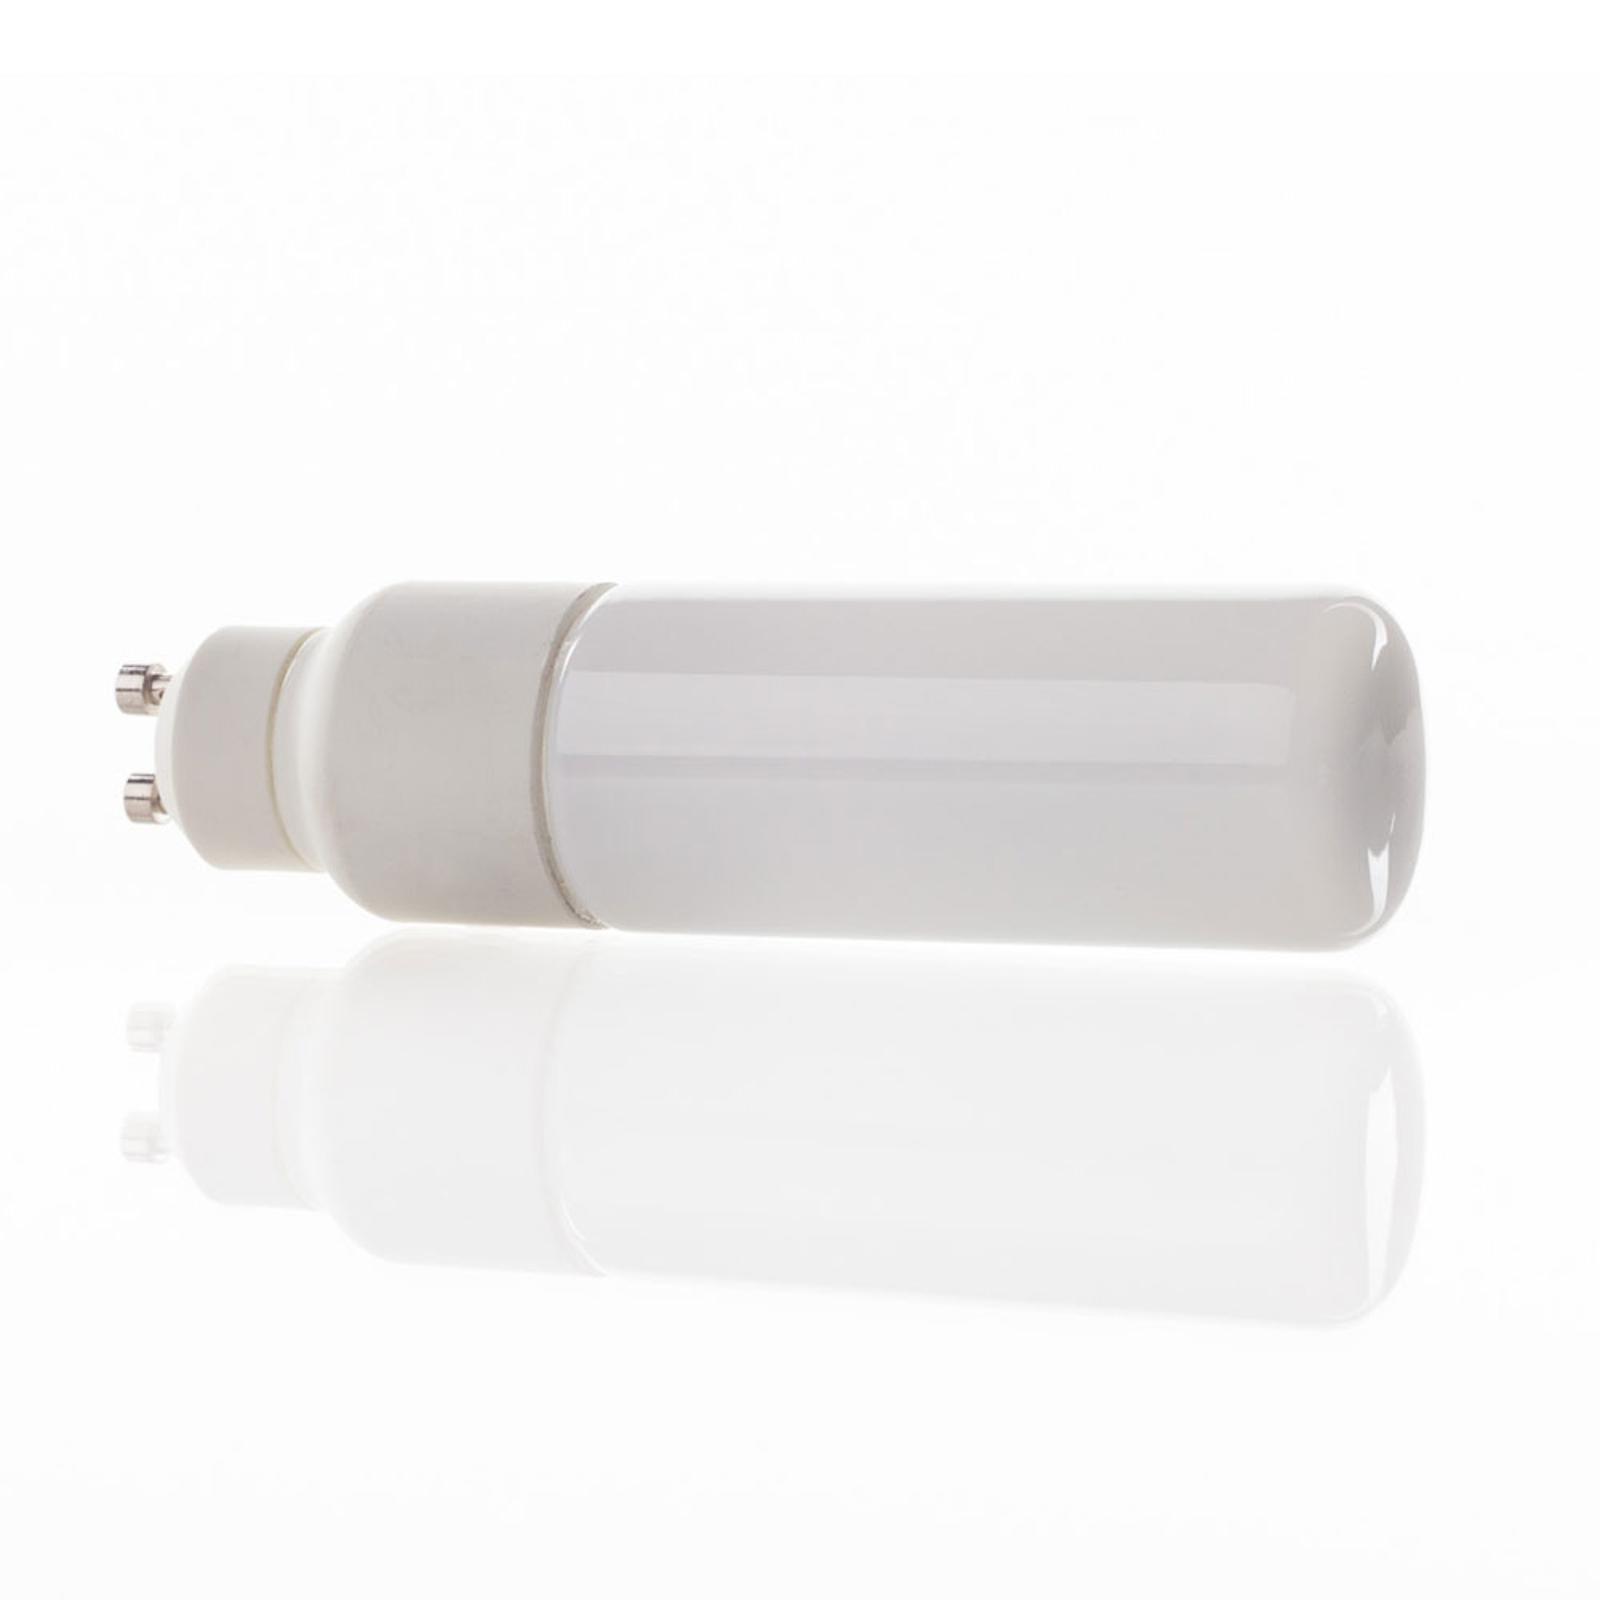 LED-lamppu GU10 5 W putkimainen